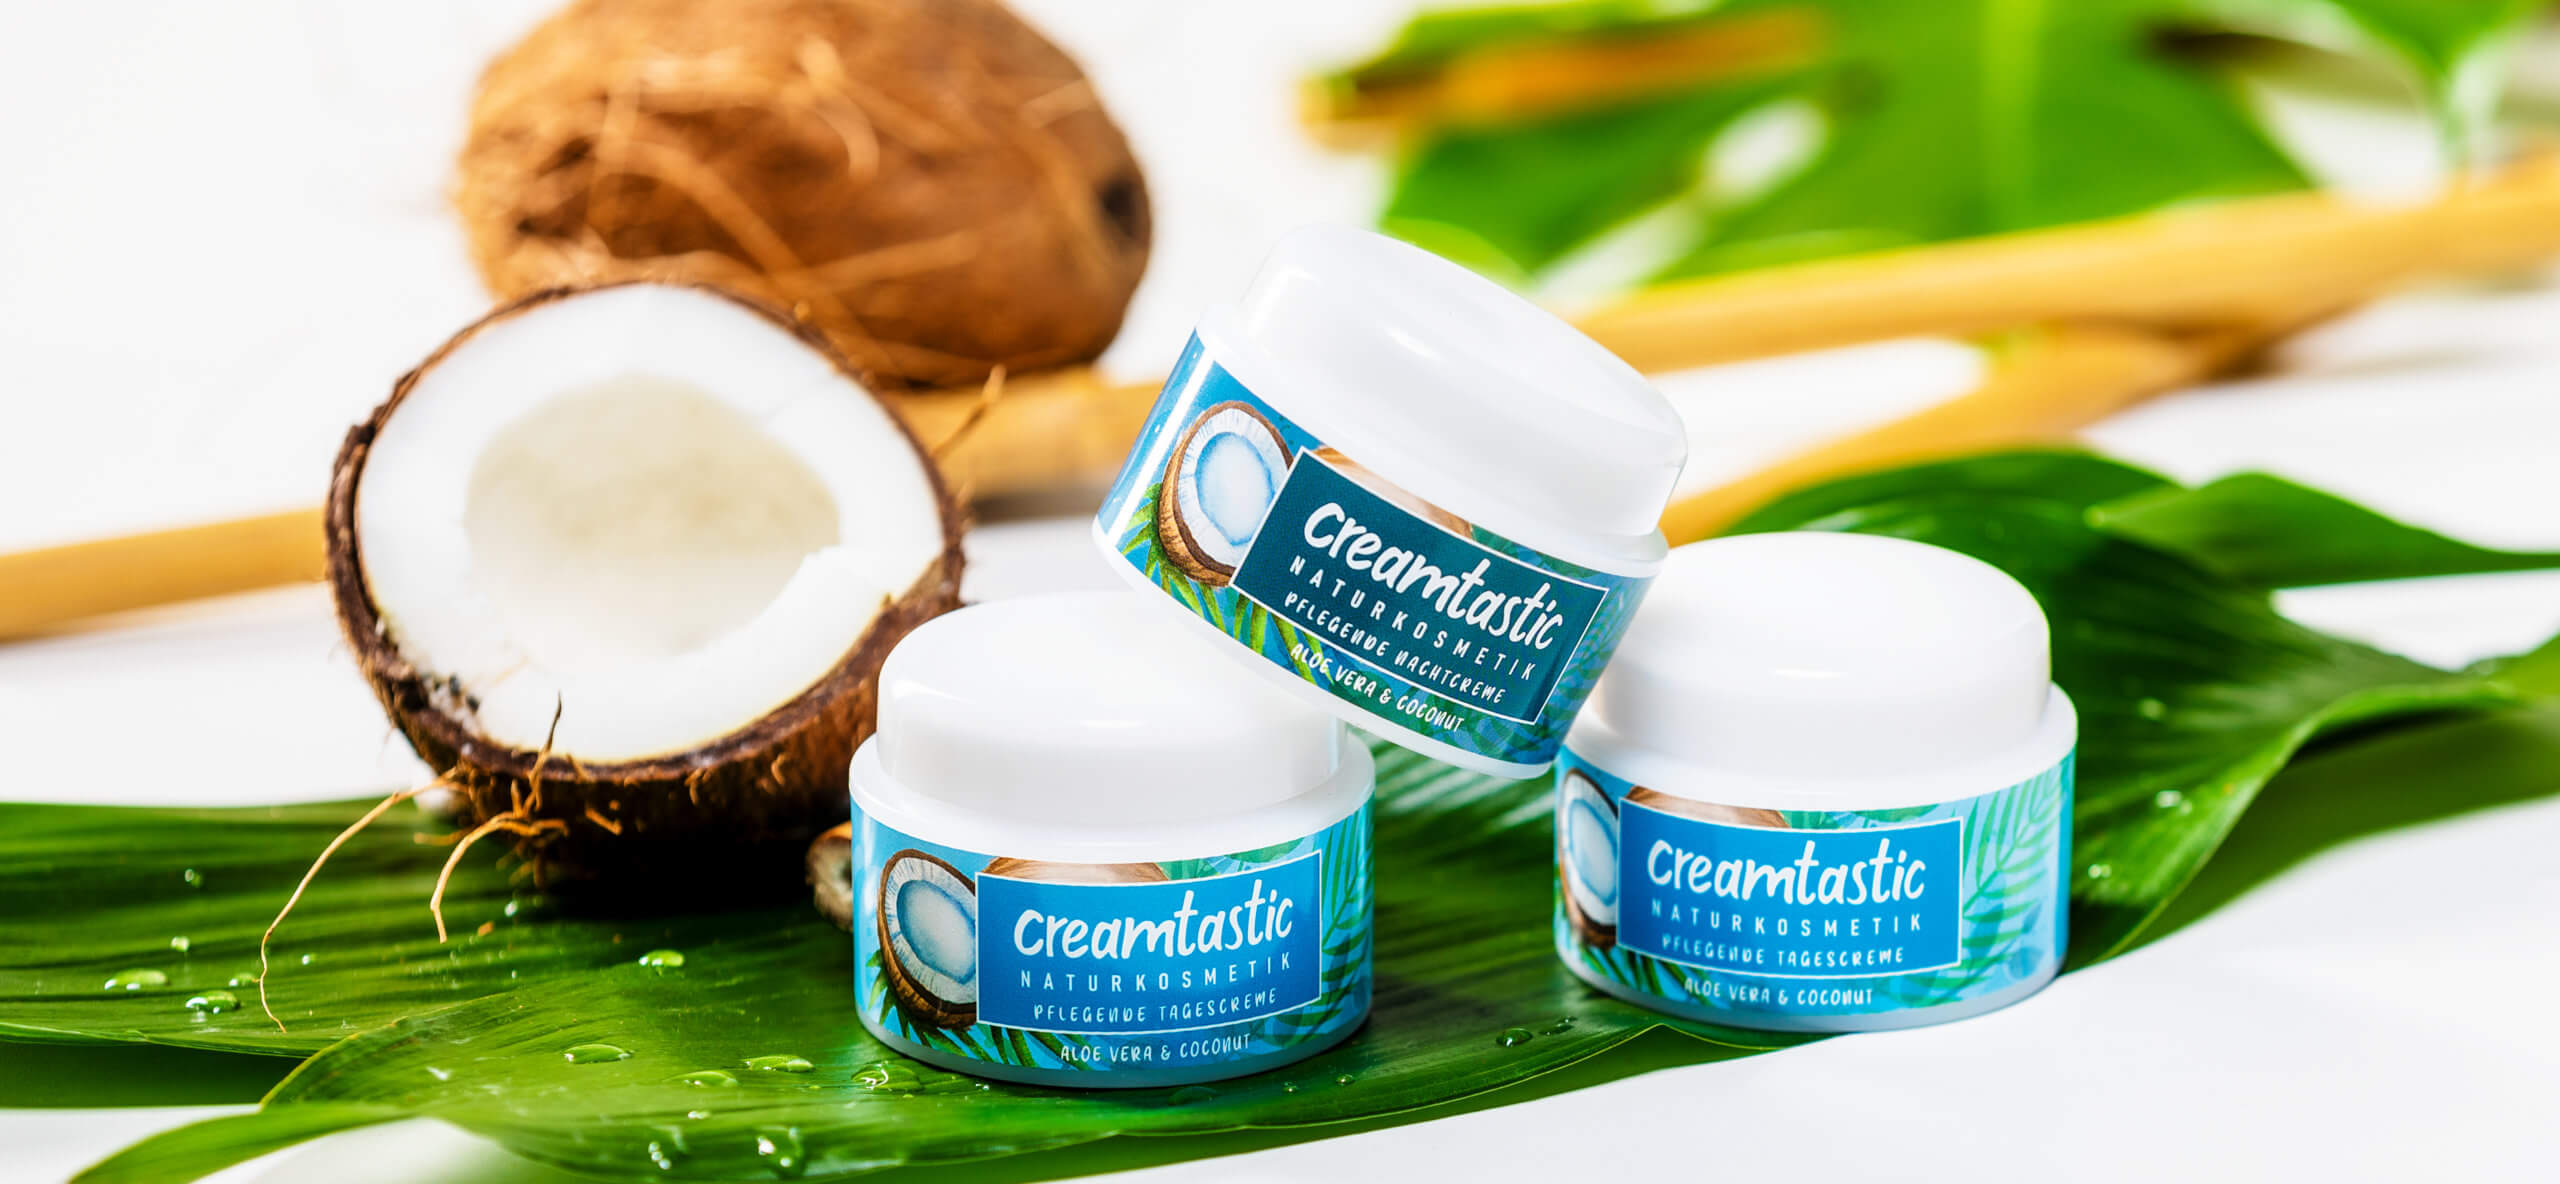 creamtastic-imagefotos-1